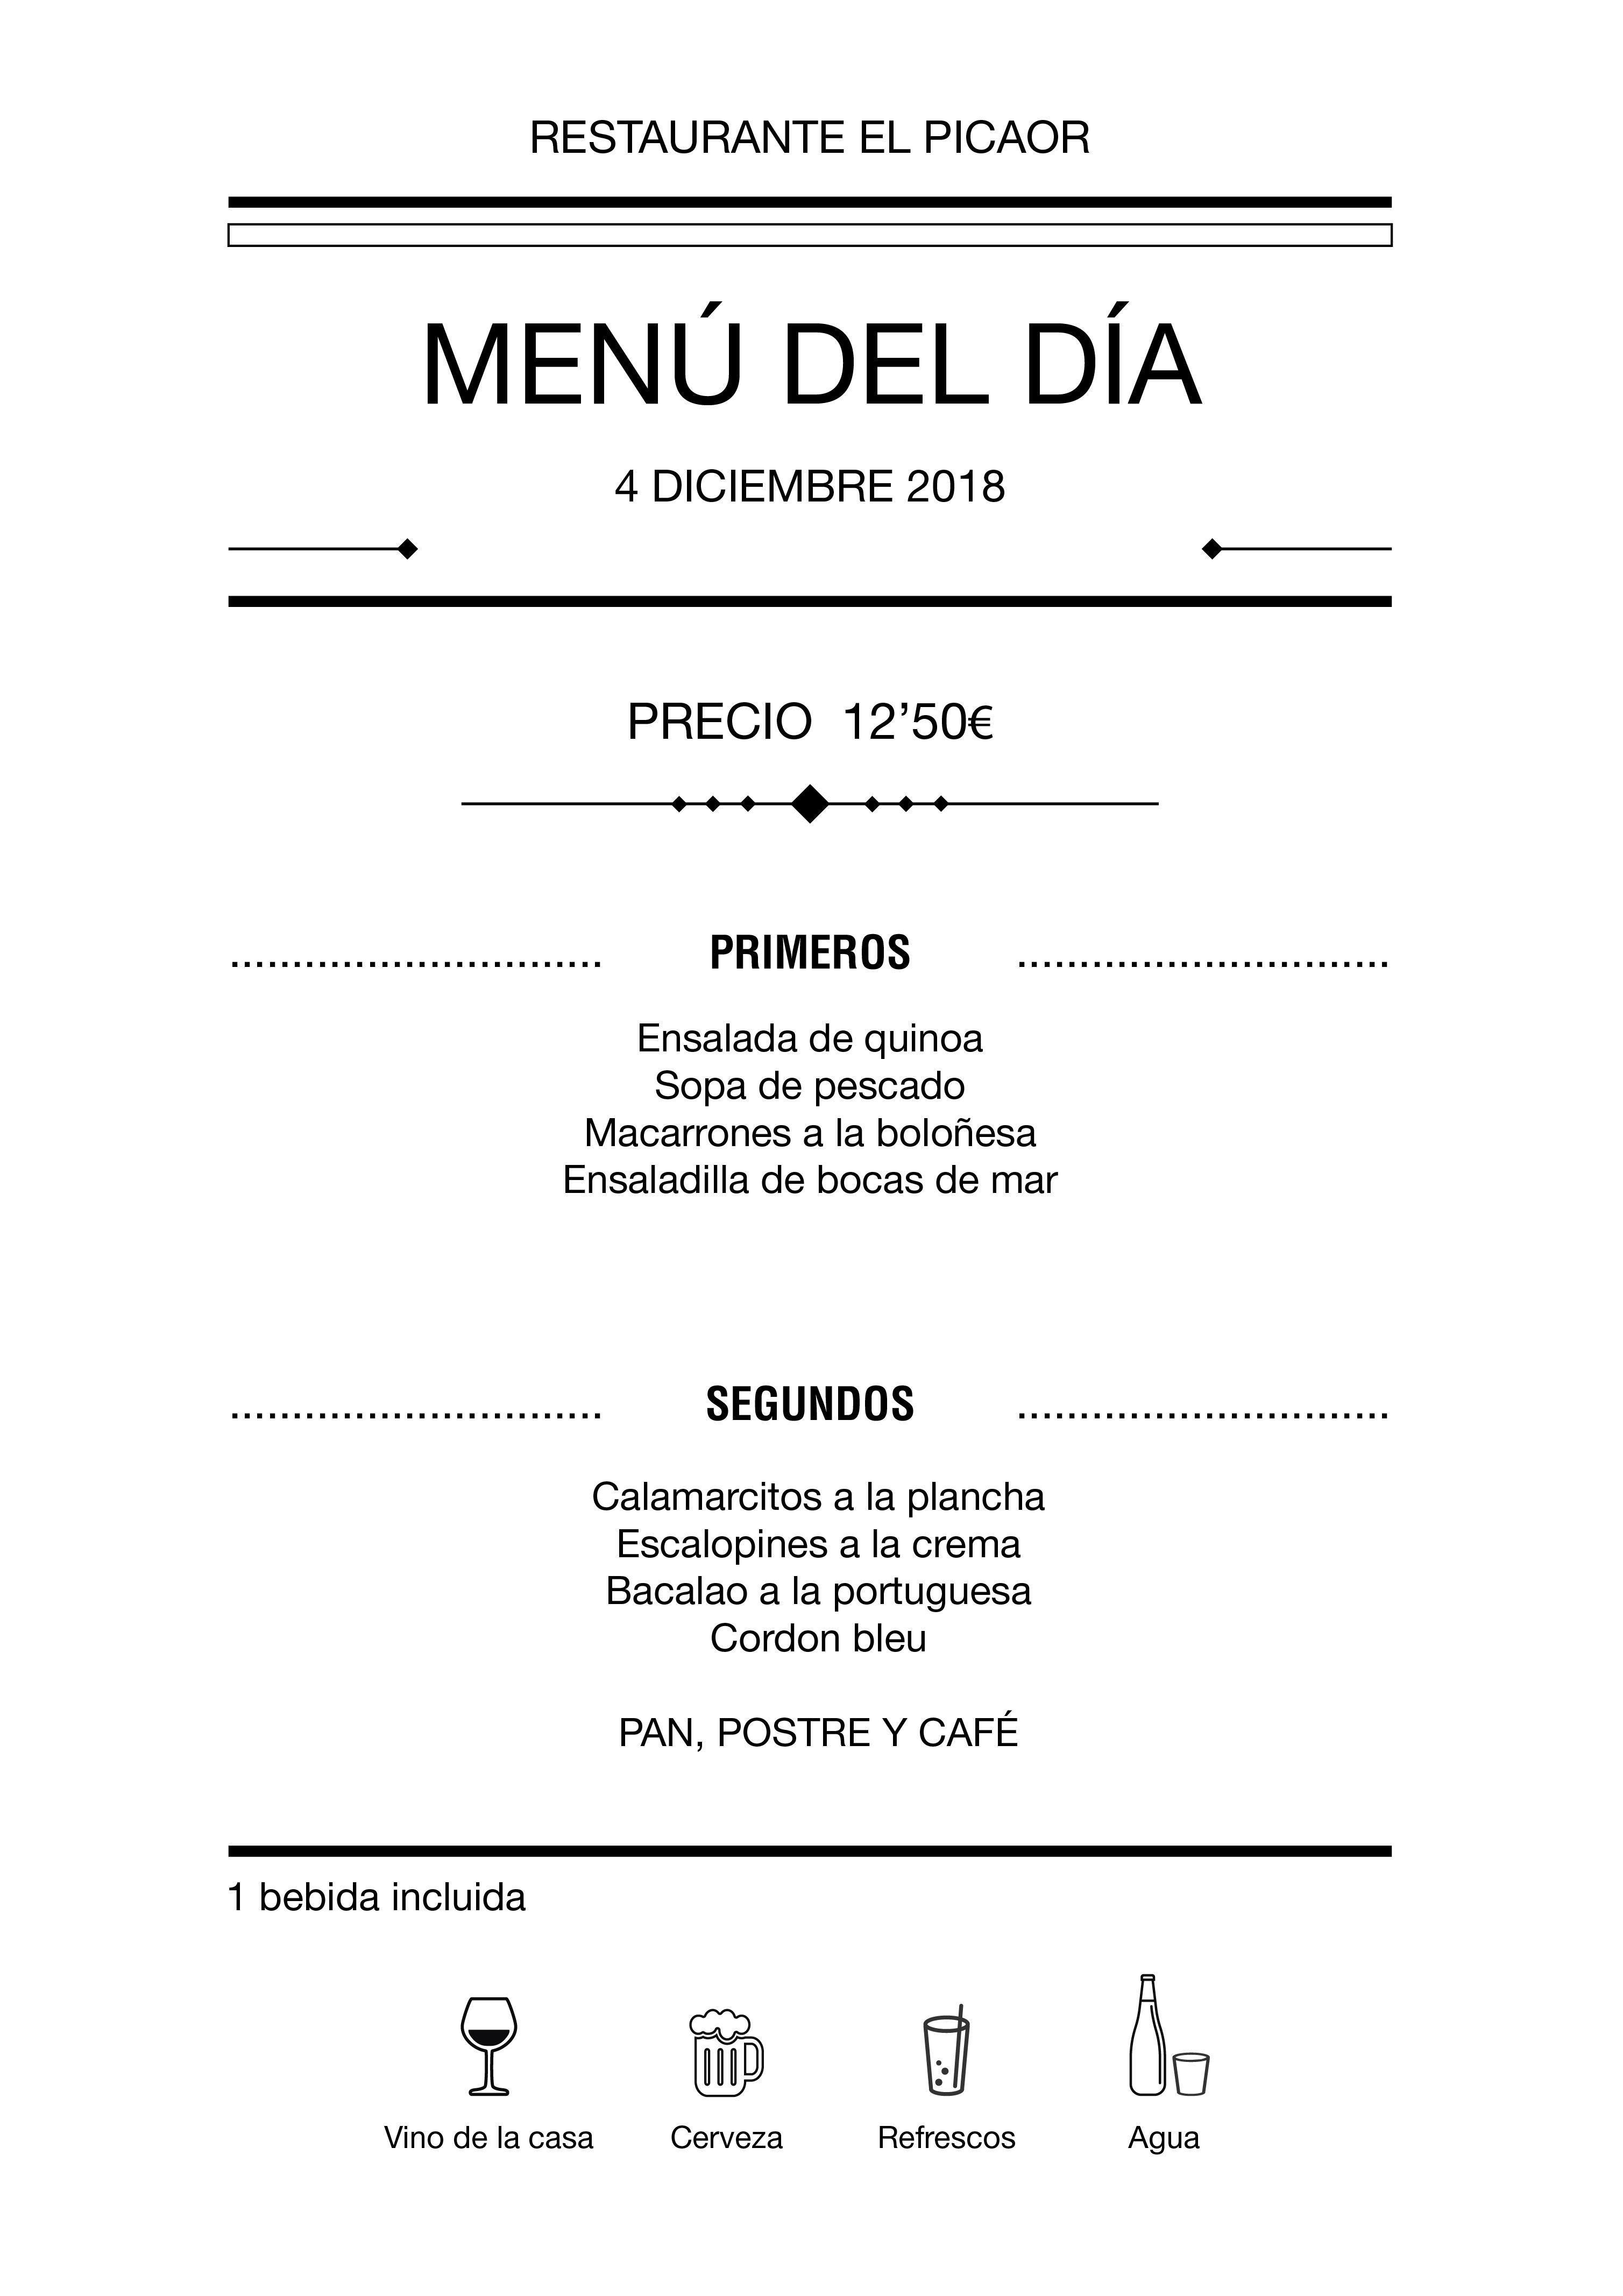 Menú diario El Picaor 04/12/18